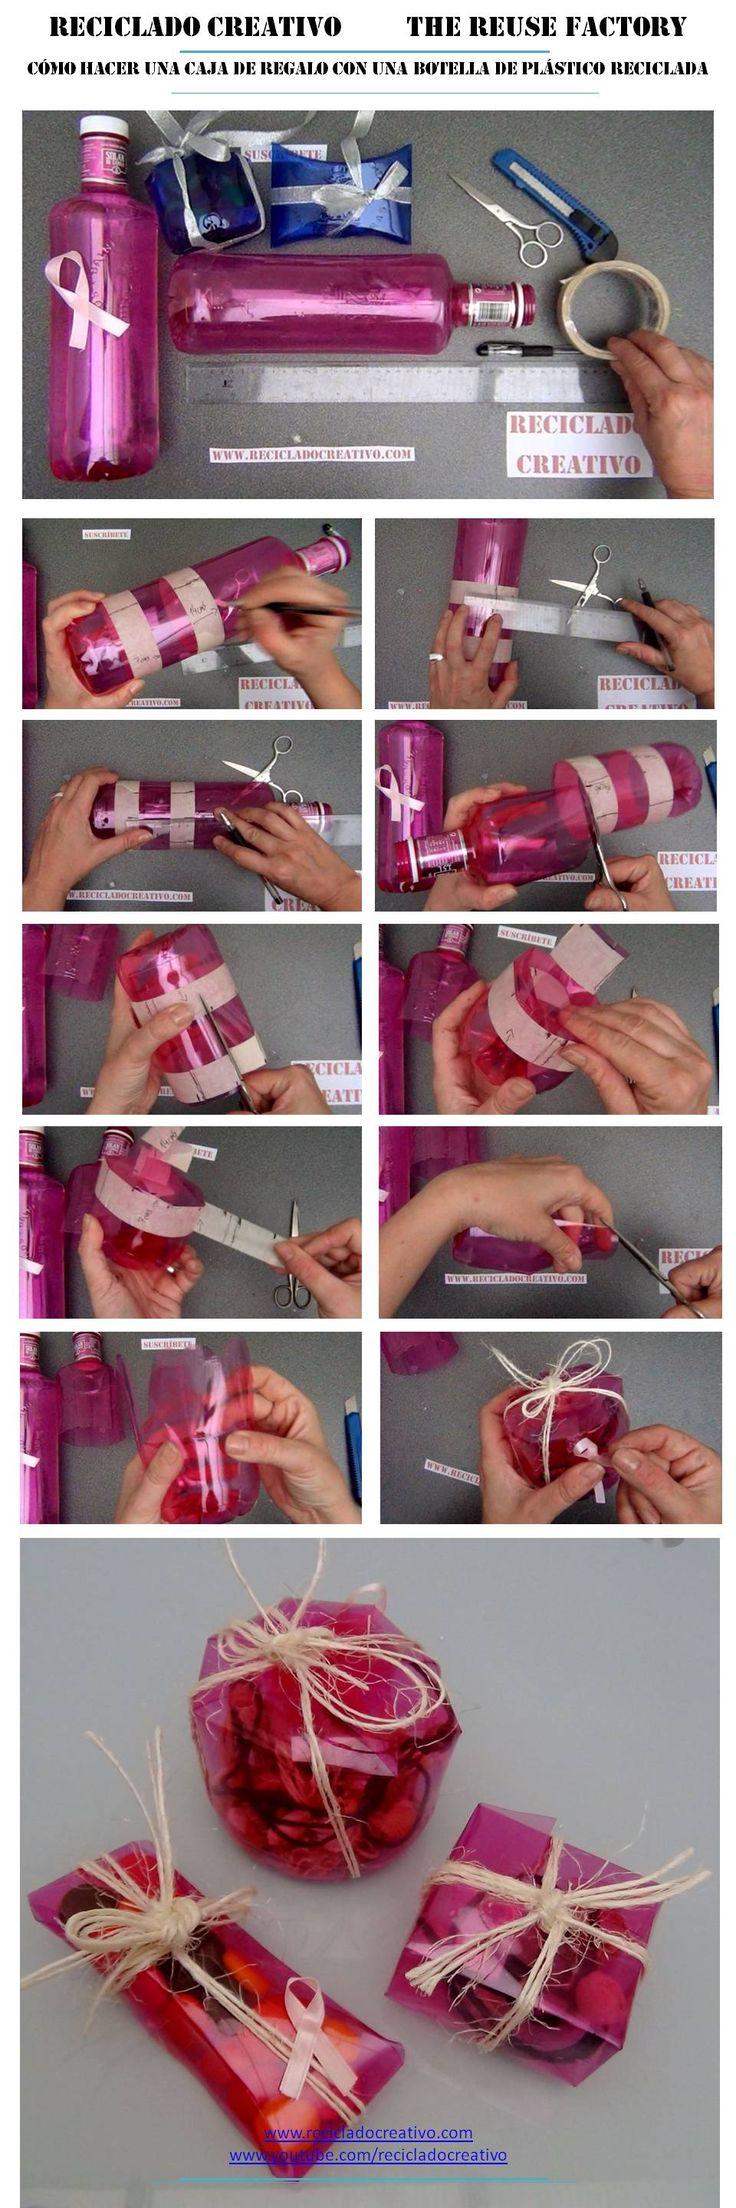 Cómo hacer unacaja bombonera con la base de una botella de plástico reciclada #gotasdesolidaridad de @solandecabras